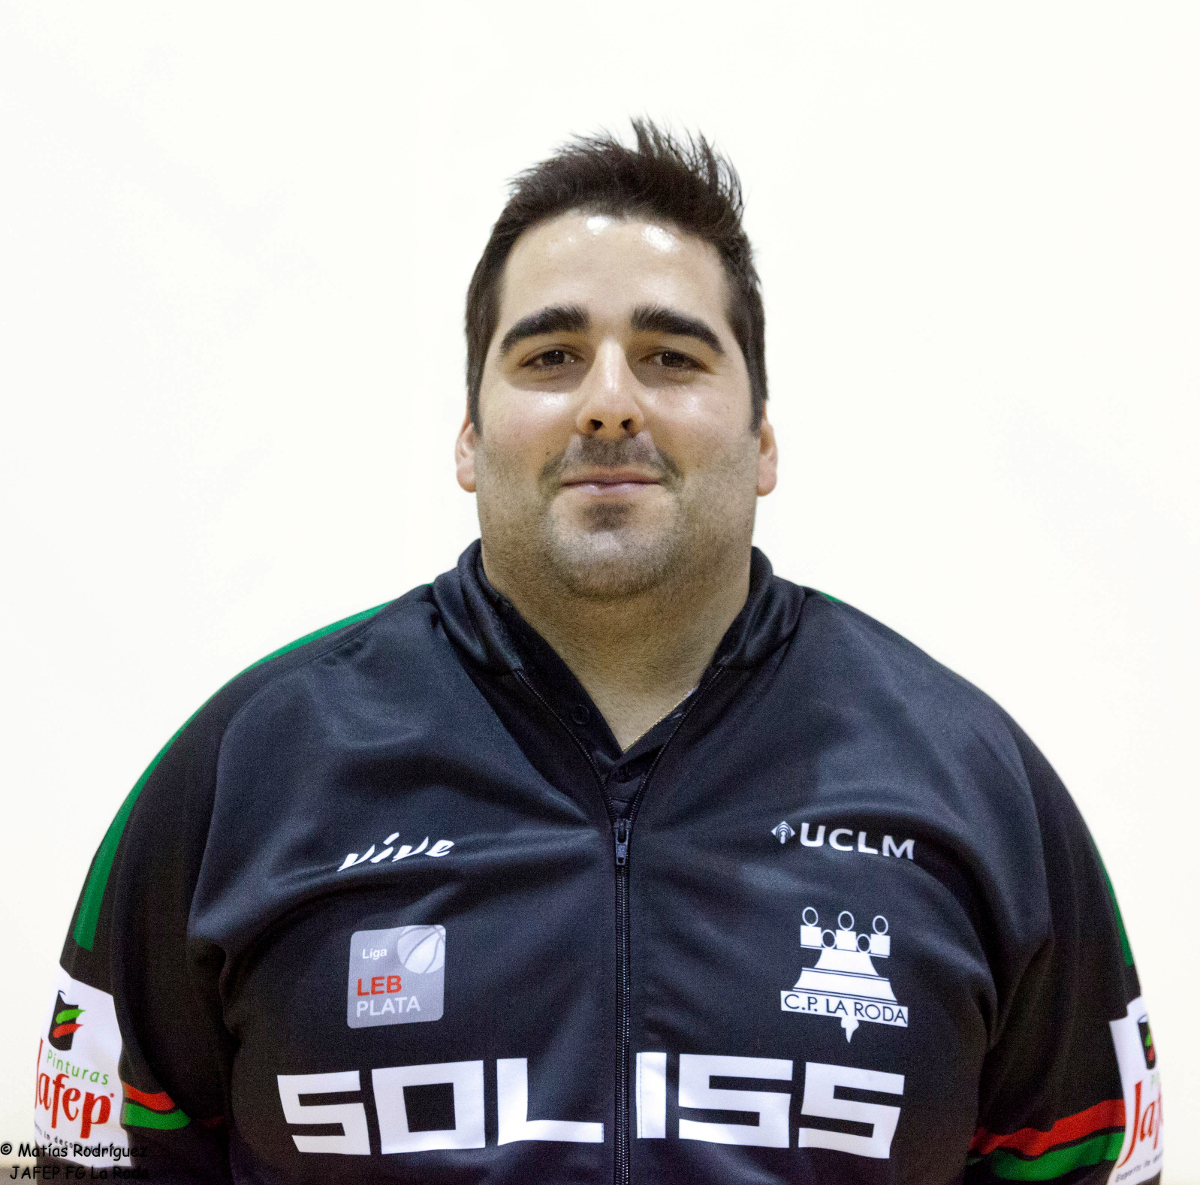 Antonio Javier Moya